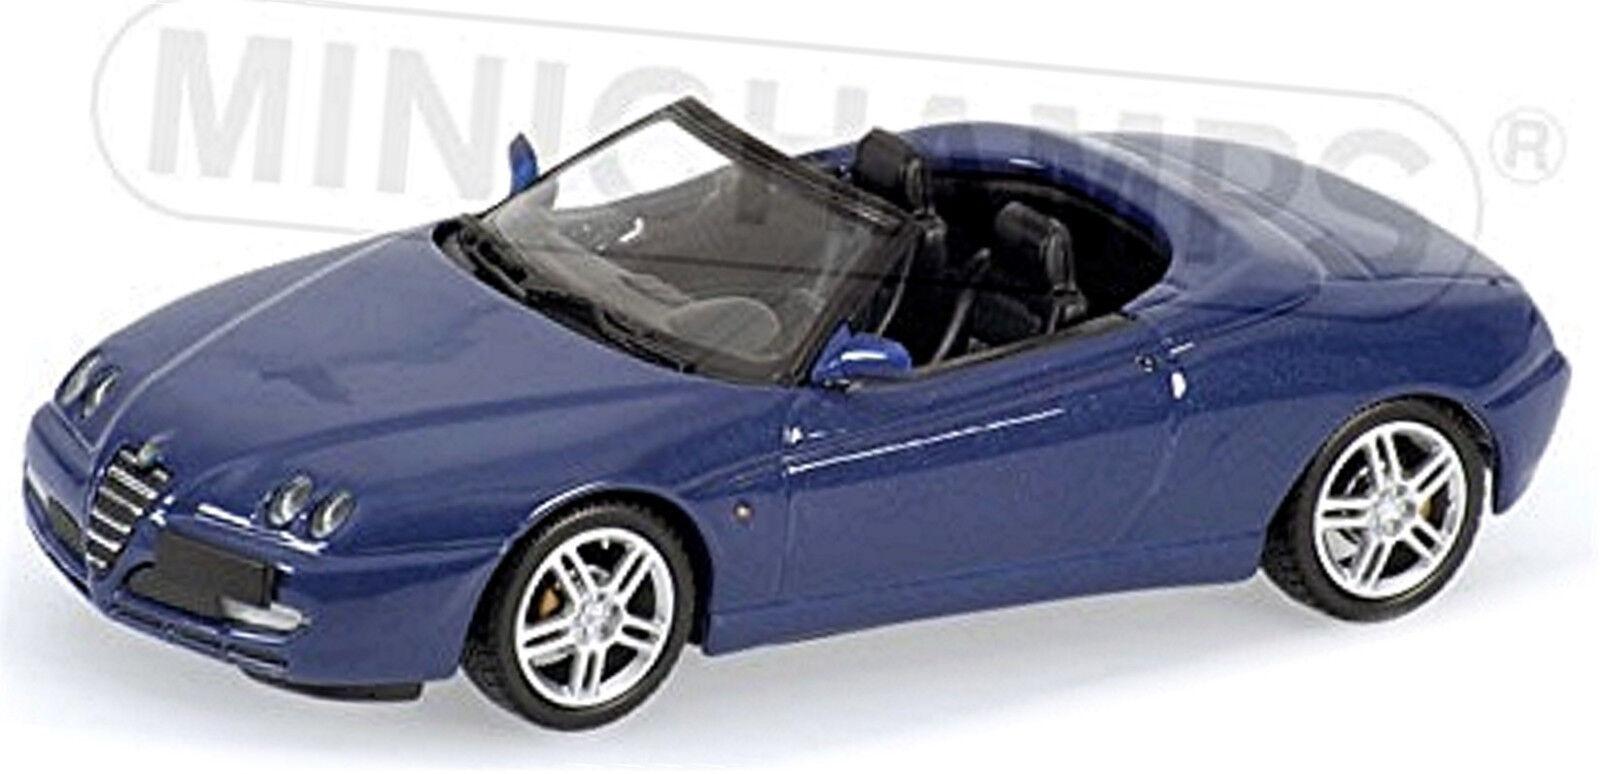 calidad fantástica Alfa Romeo Spider Spider Spider 916 Facelift 2003-05 Azul Azul Metalizado 1 43 Minichamps  Para tu estilo de juego a los precios más baratos.